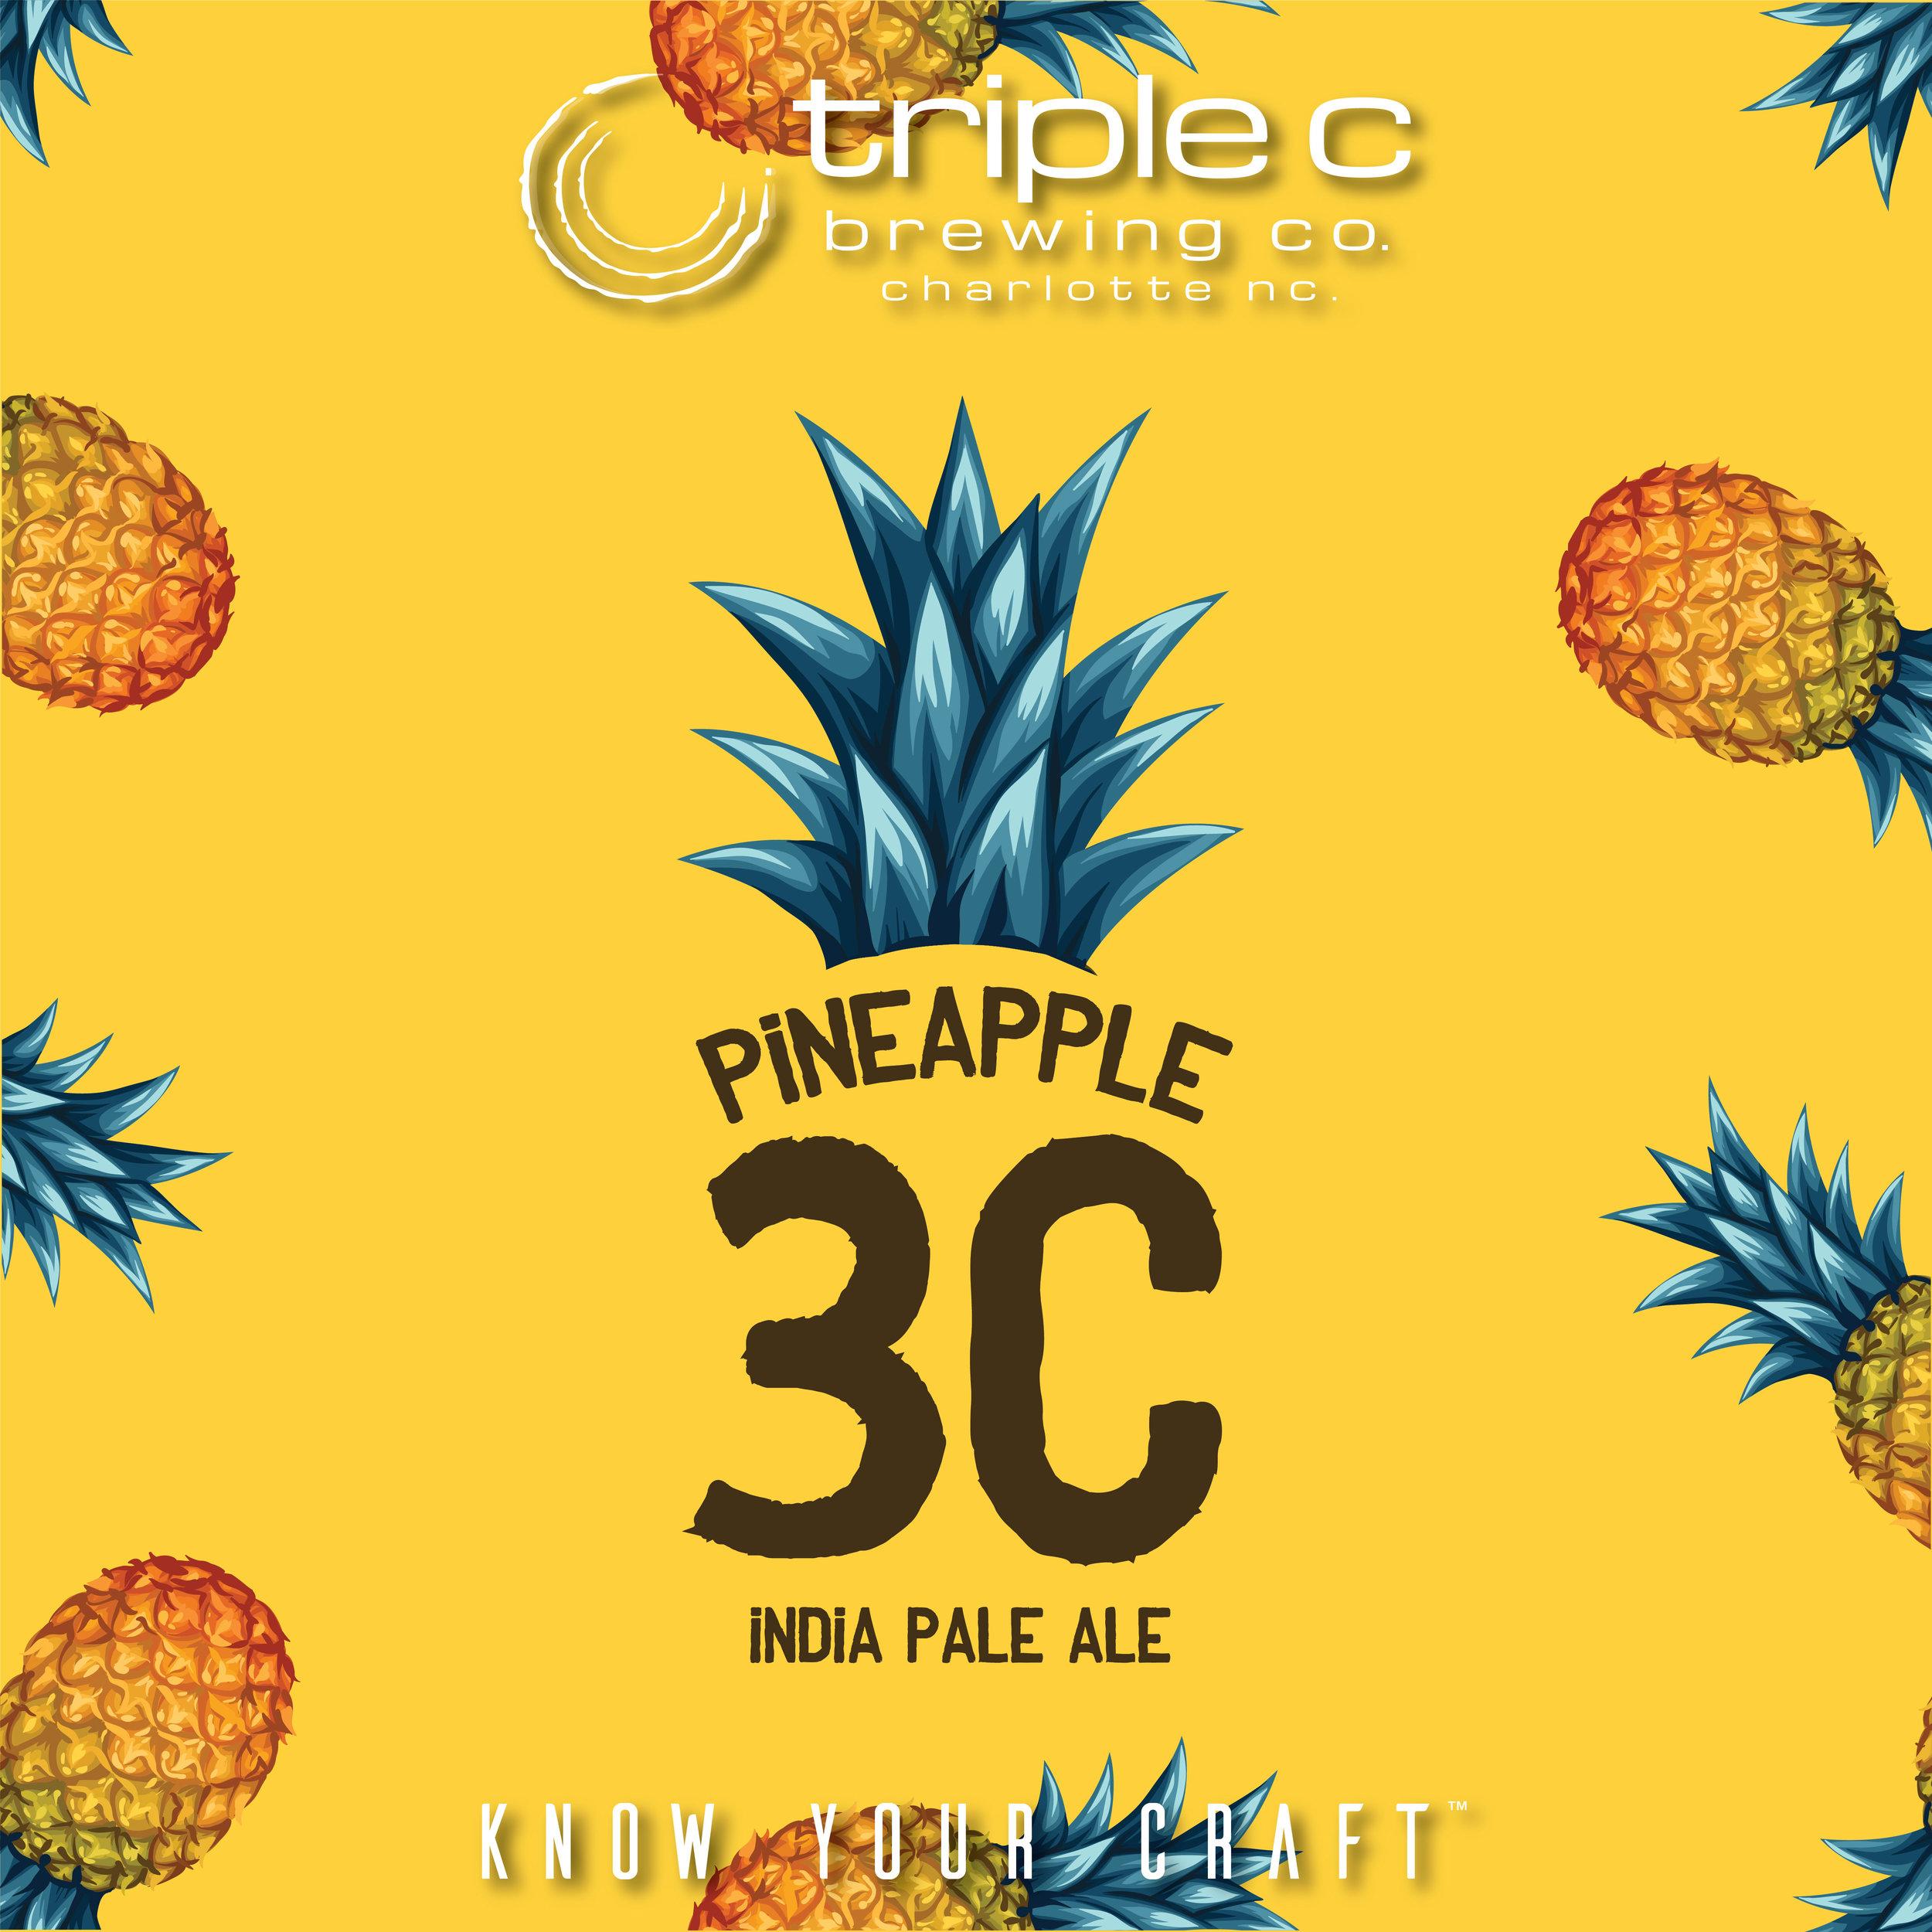 Pineapple3C'19_Media.jpg